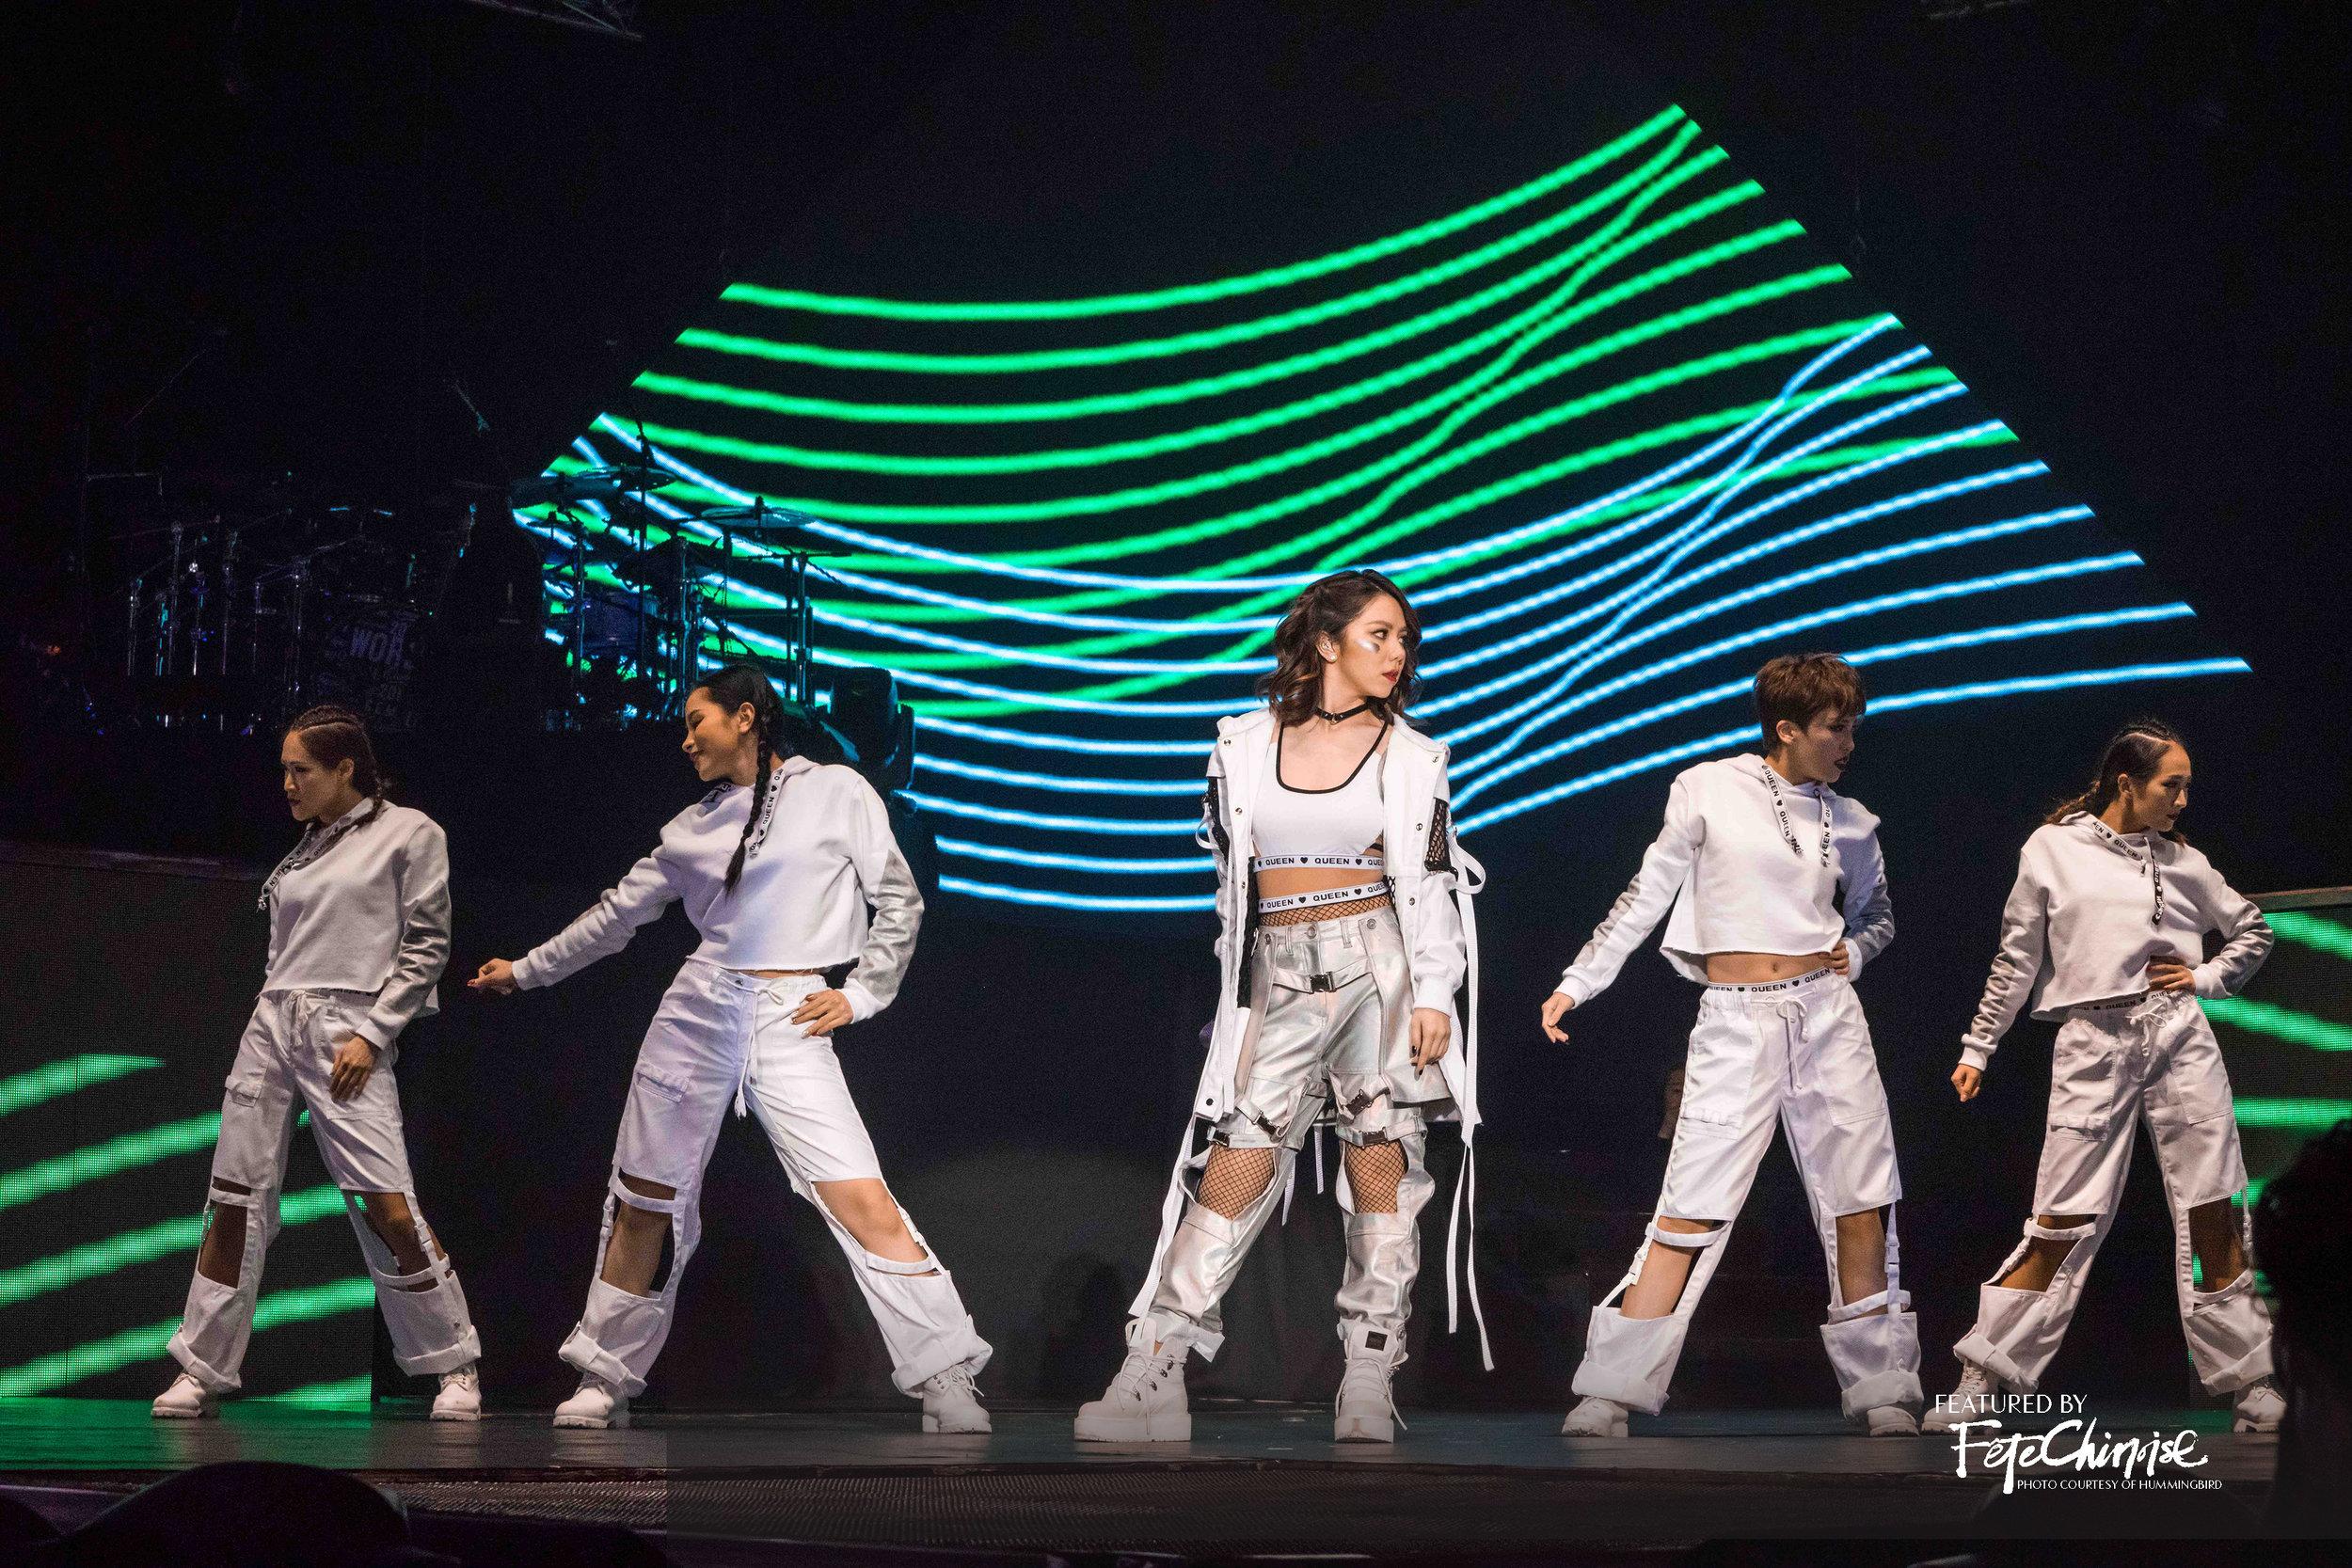 9 演唱會上從來自世界各地的上百位舞者中選中了8名伴舞 copy.jpg